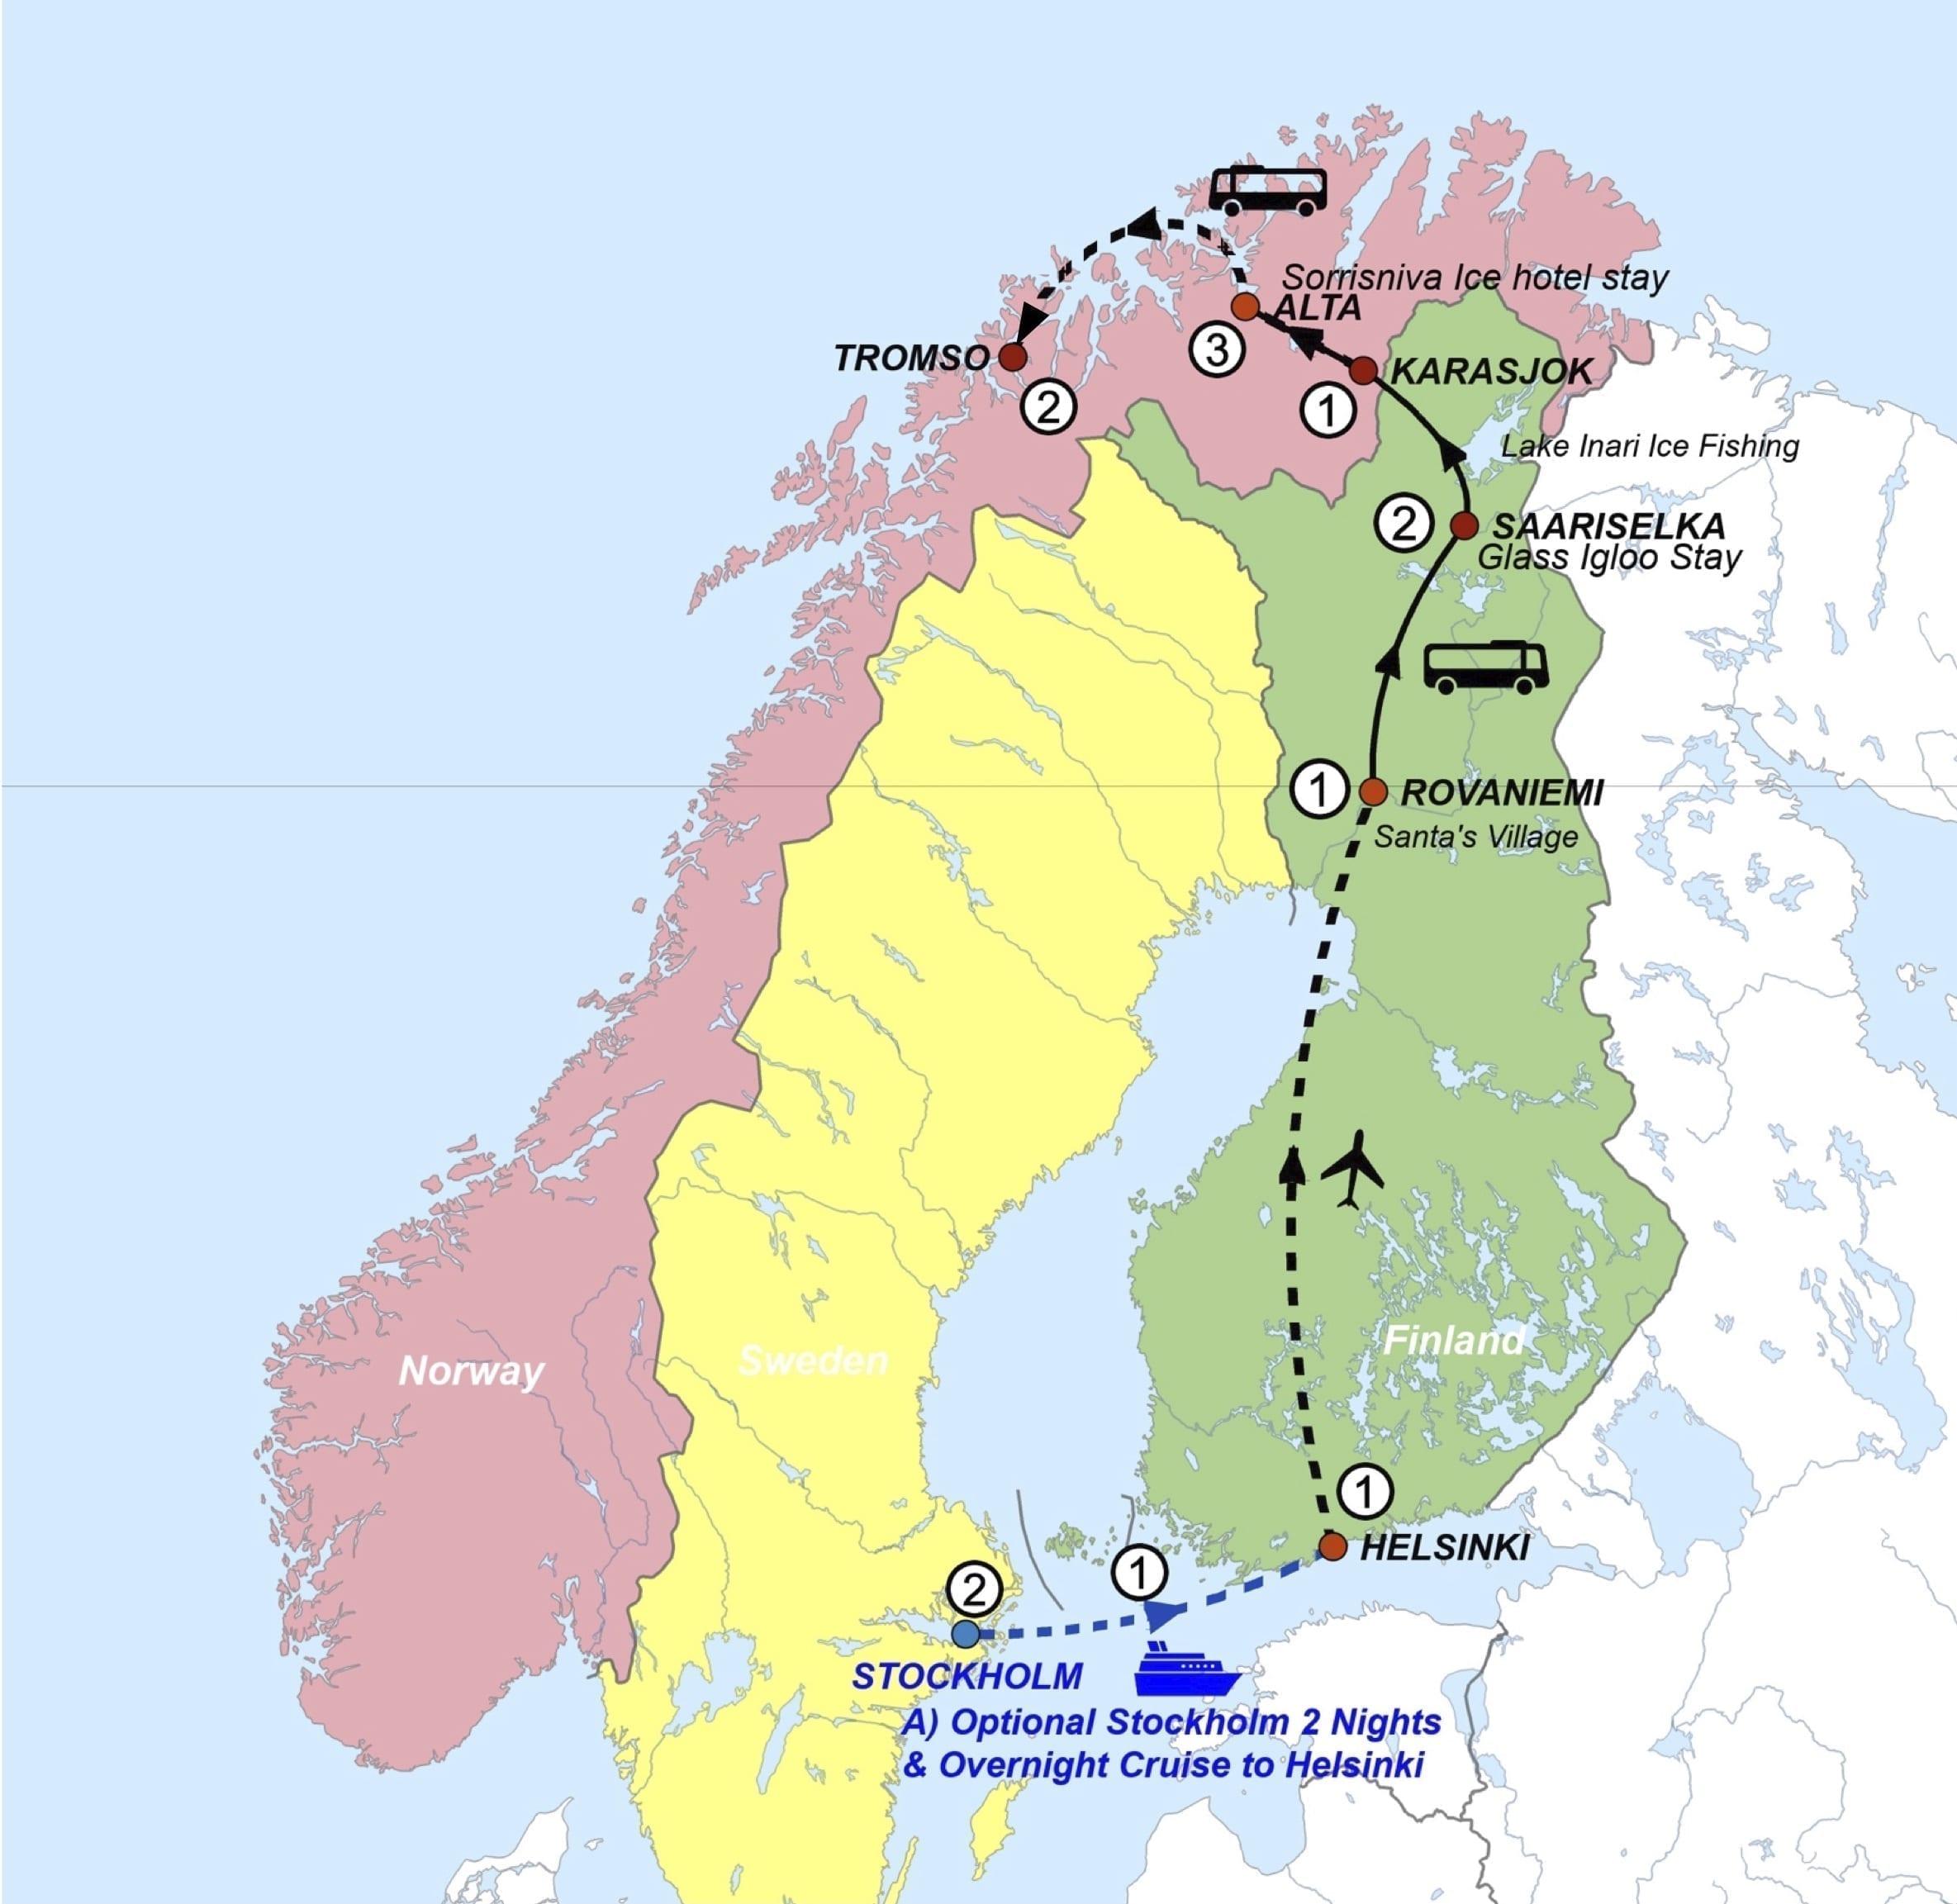 2022 Northern Lights Tour Mao